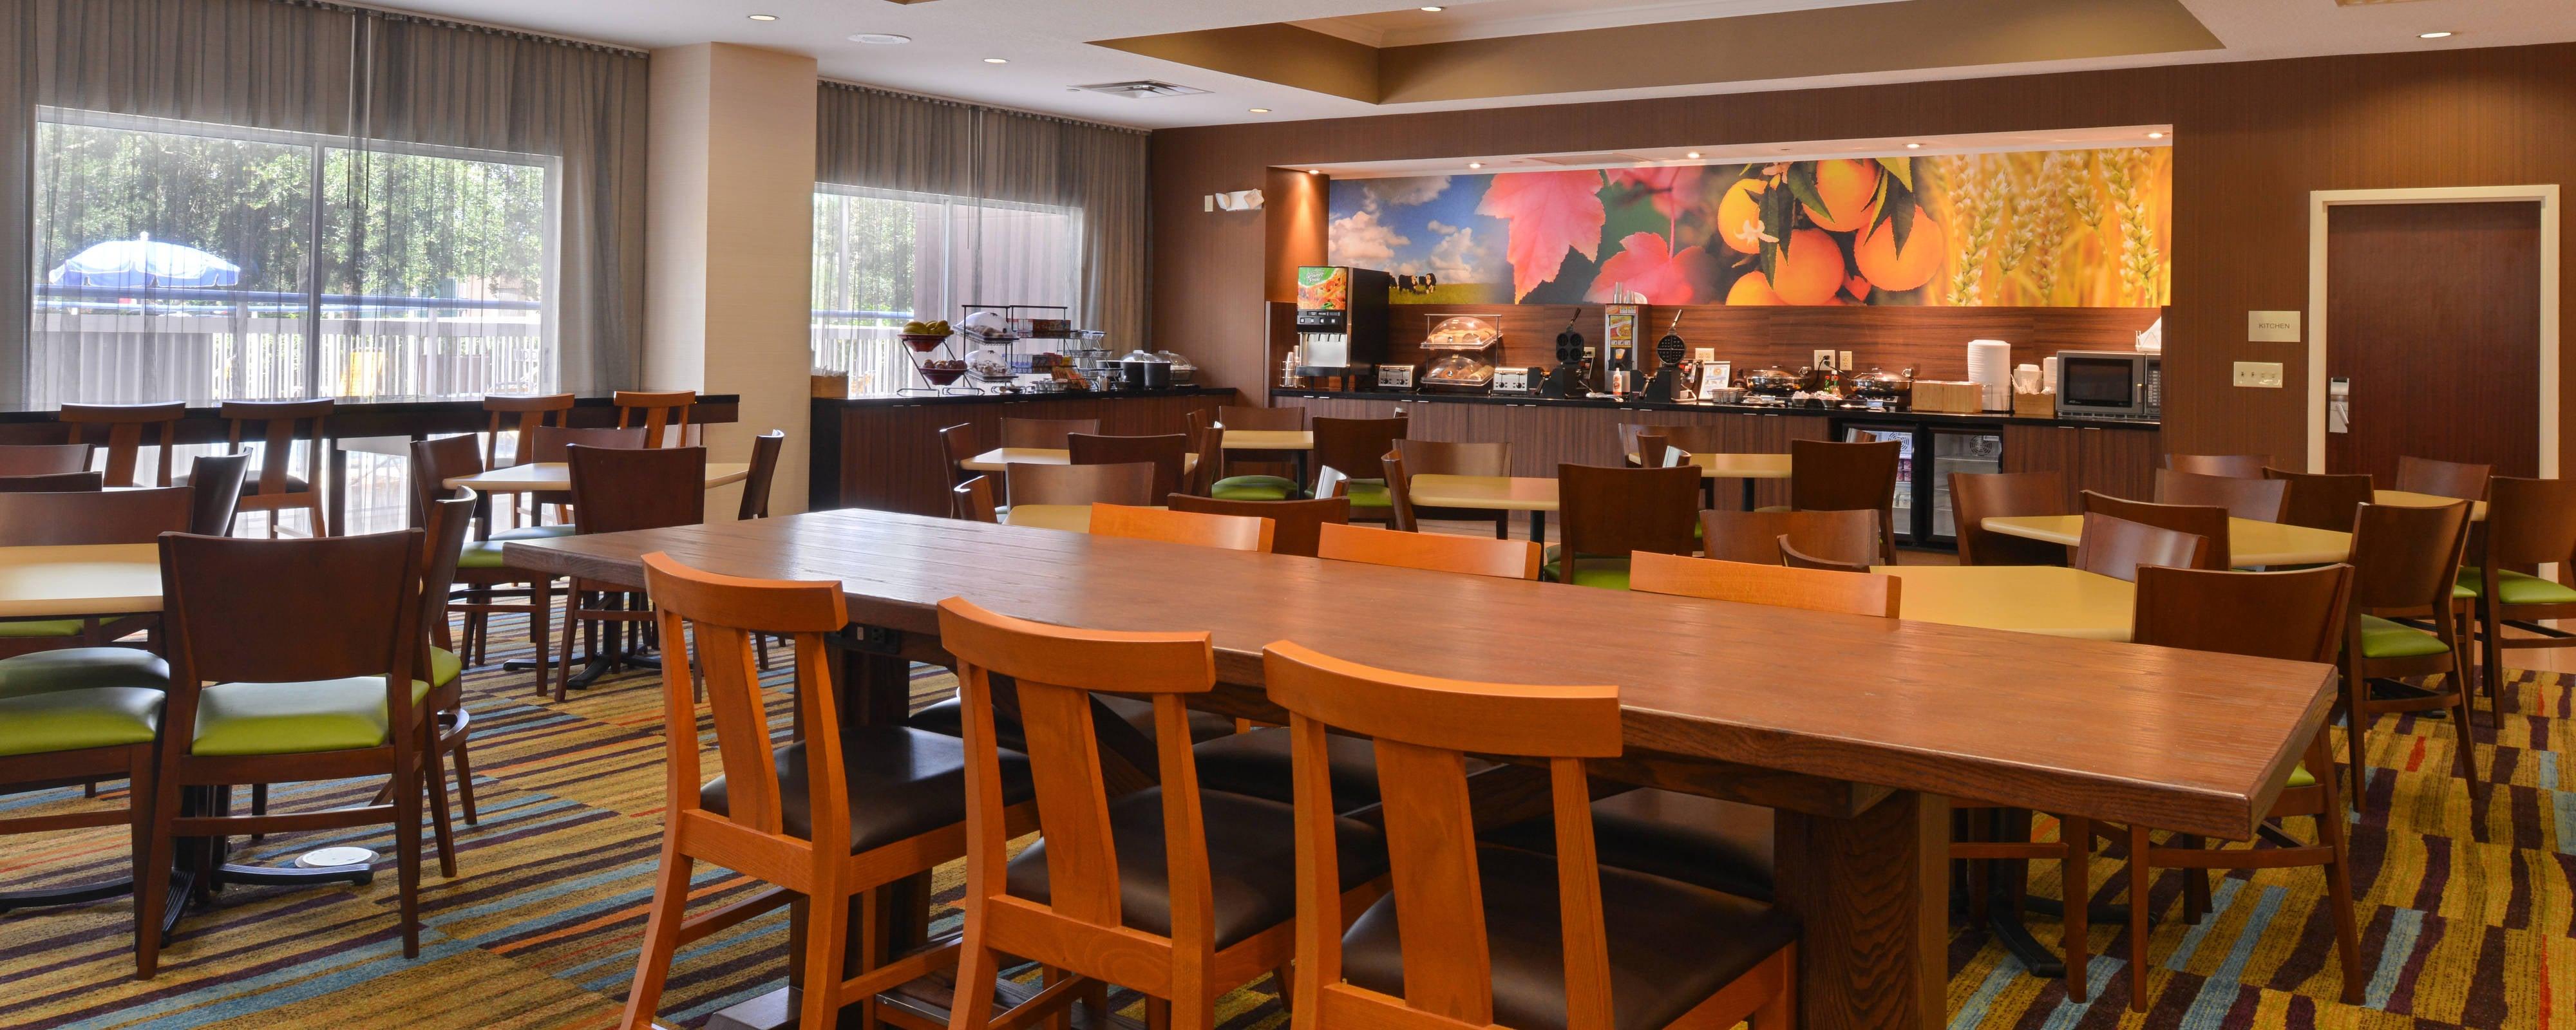 Orlando Hotels With Complimentary Breakfast Fairfield Inn